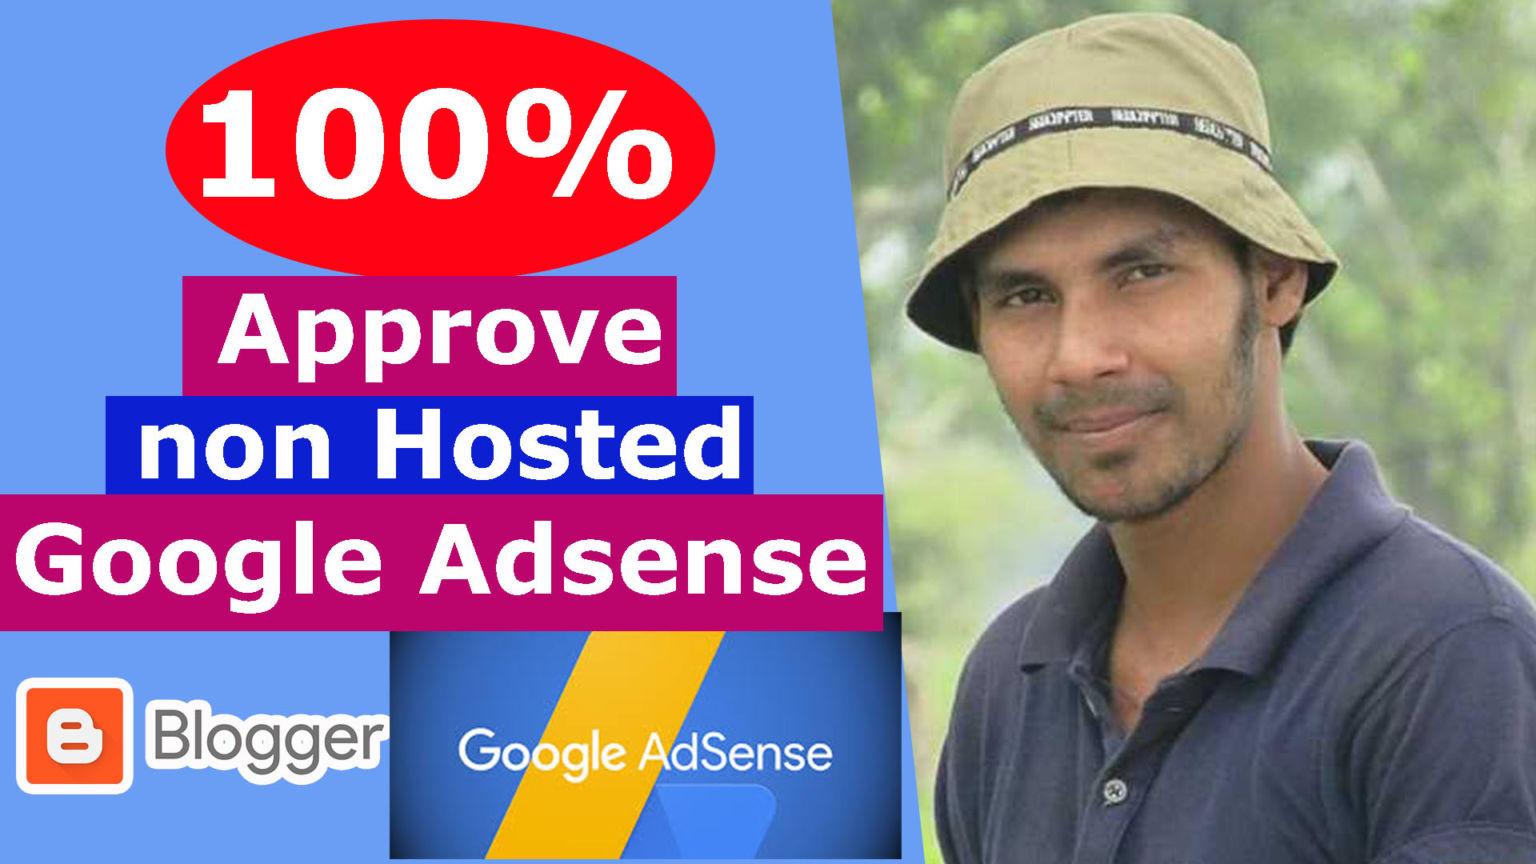 ব্লগ বা ওয়েব সাইটে Google Adsense দিয়ে ইনকাম করুন আজ থেকেই 100% Approve Non Hosted google adsense